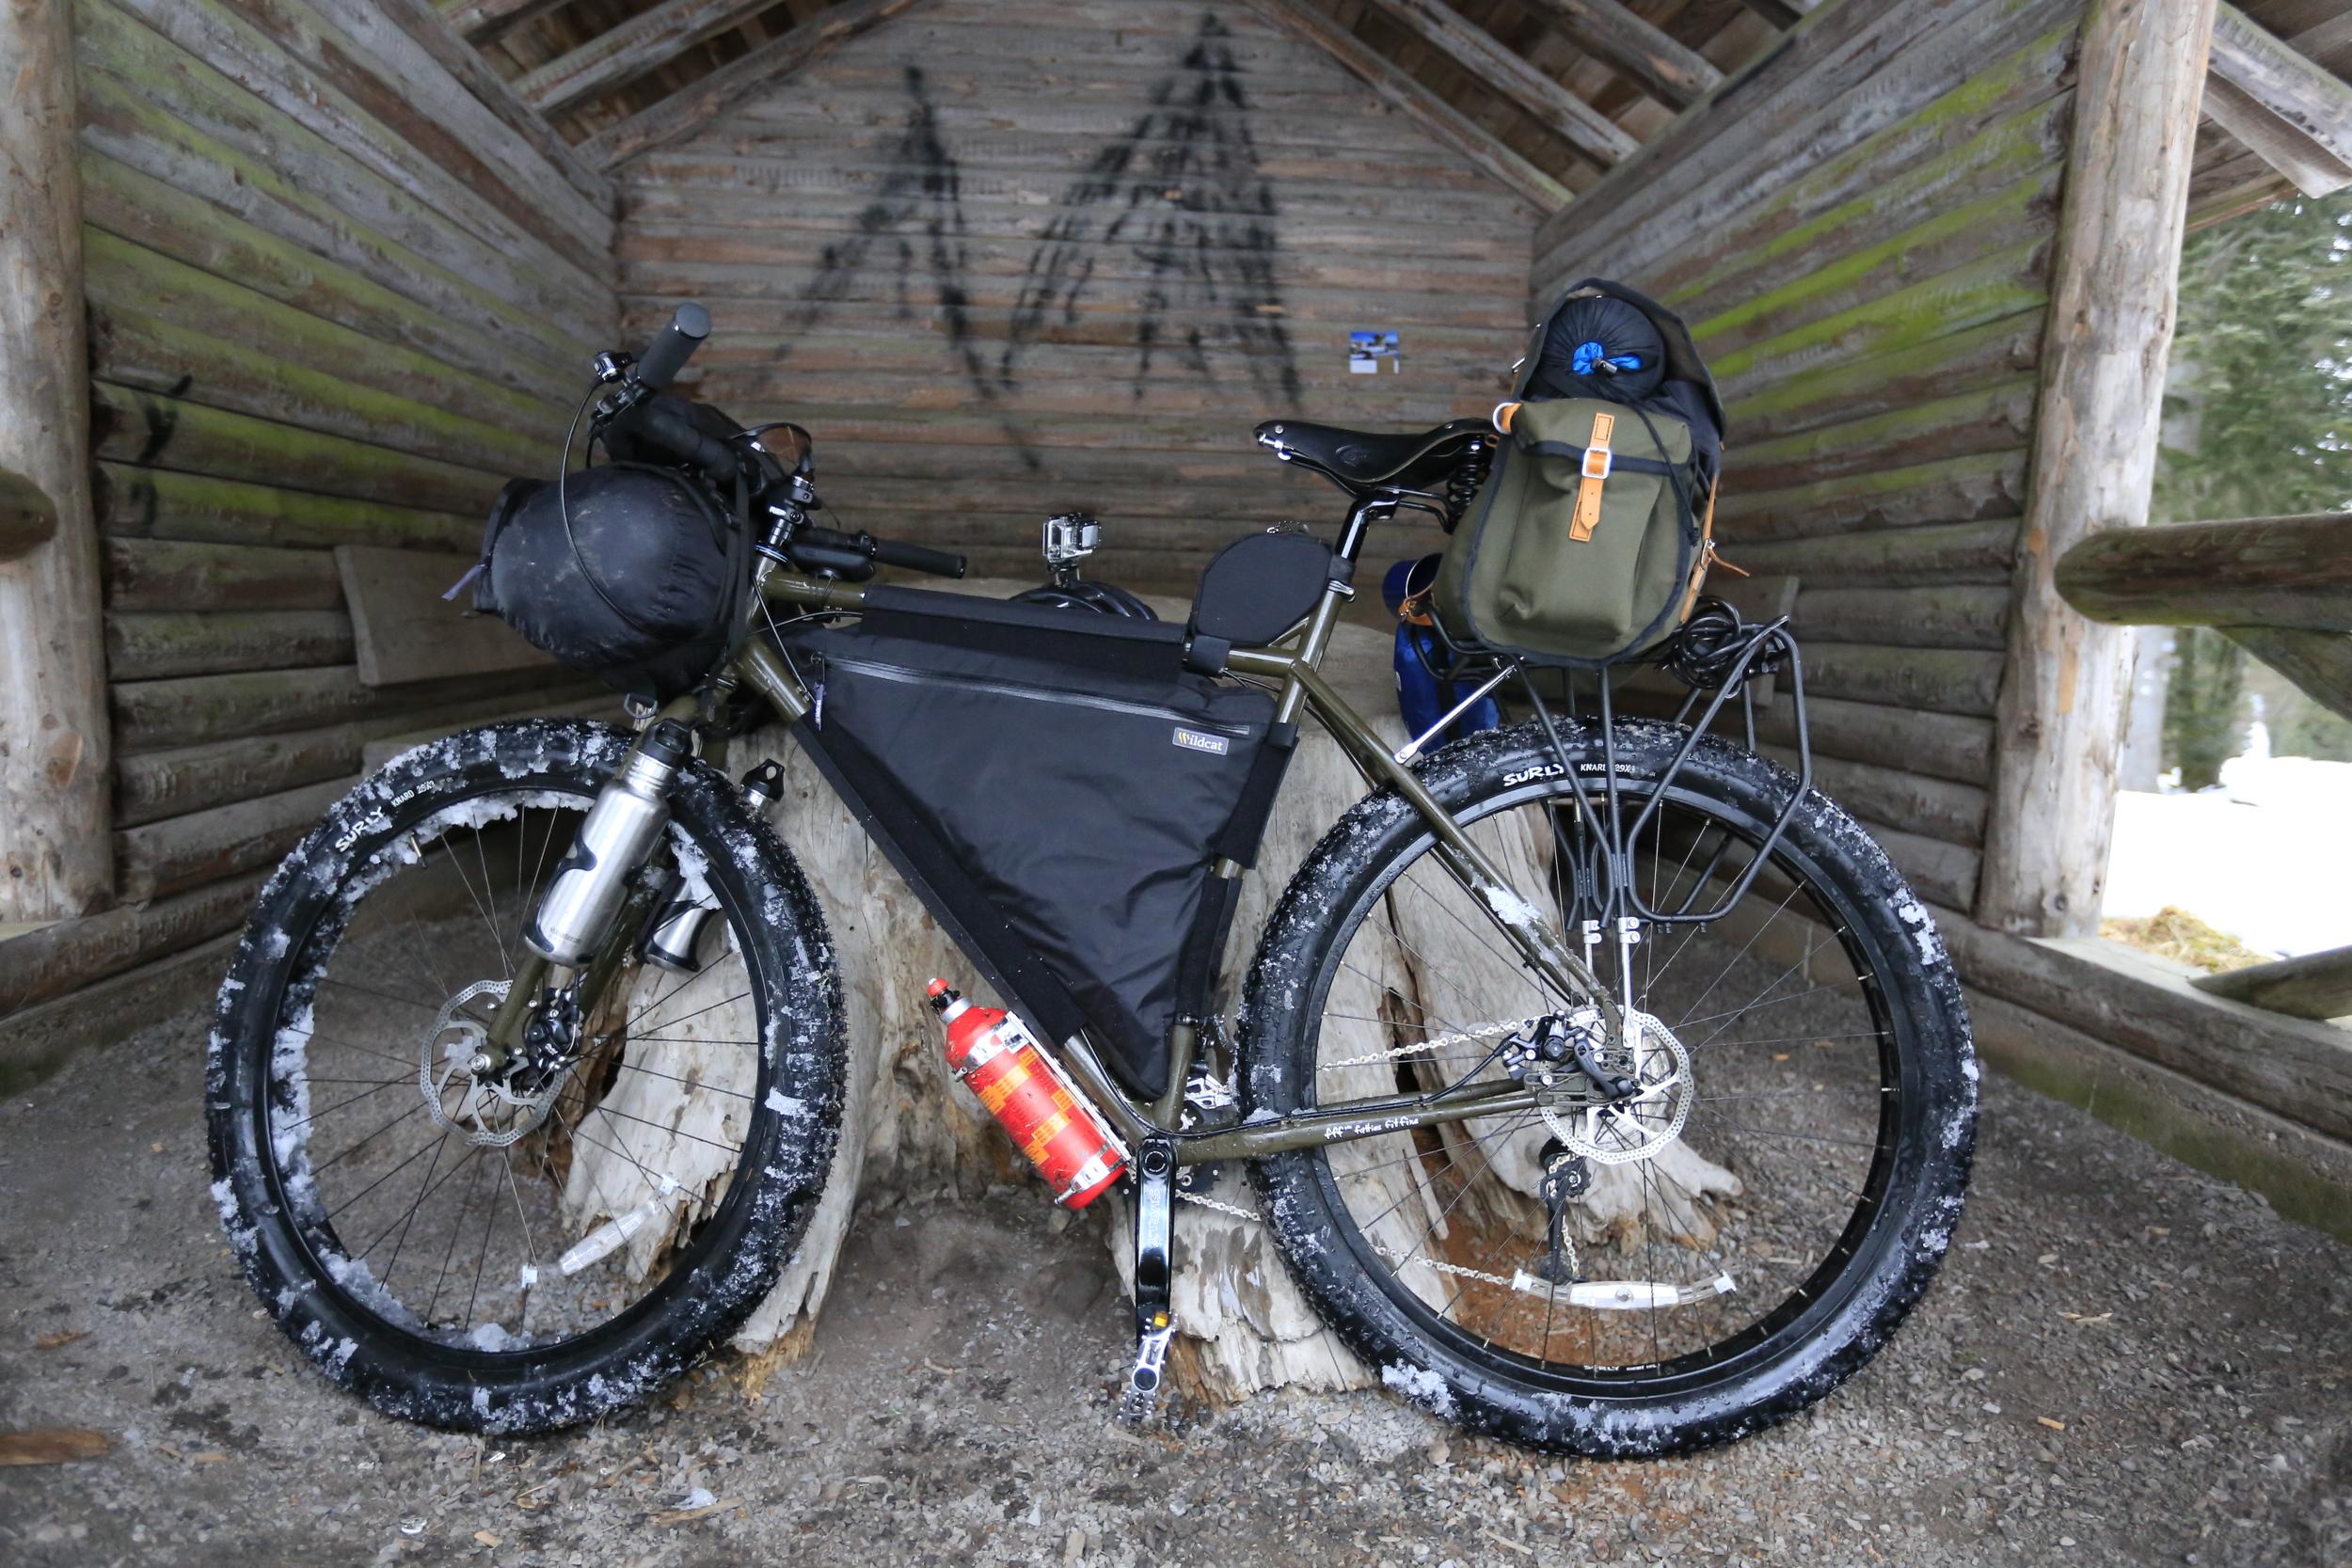 surly, surly ecr, bikepacking, fat bike, knards, trangia, cycle touring, bicycle touring, carradice, carradice longflap camper, brooks, gopro hero